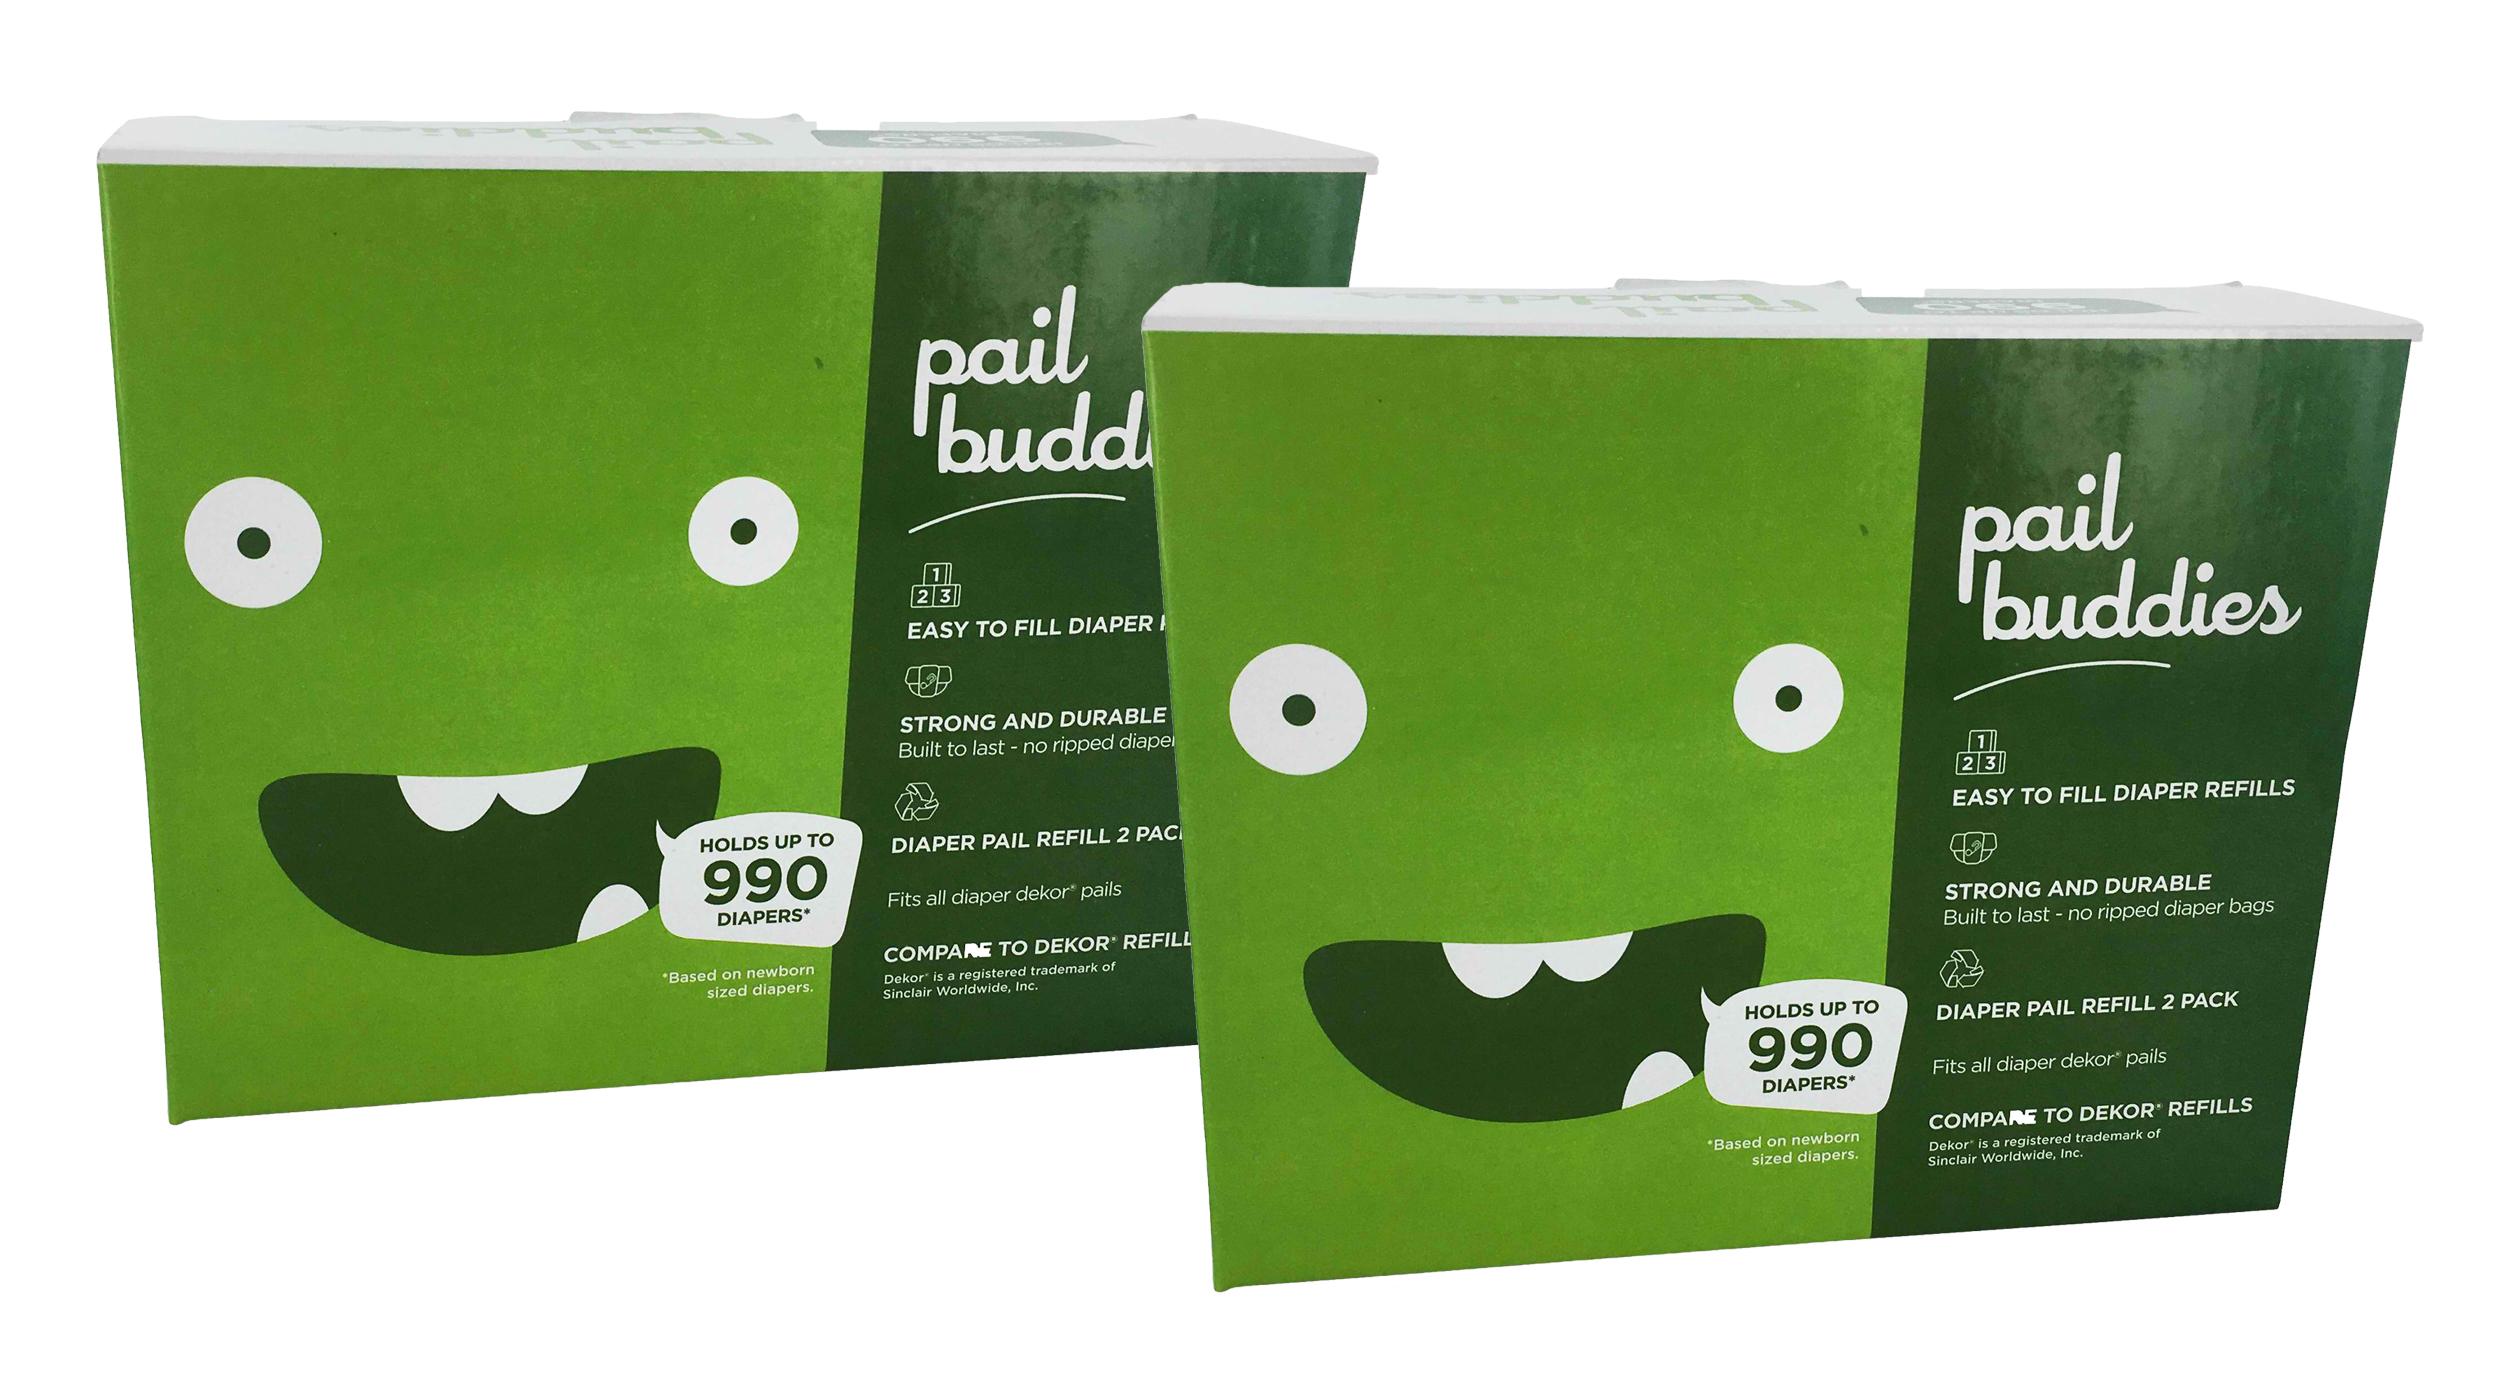 6 Pack Pail Buddies Diaper Pail Refills For Diaper Dekor Classic Diaper Pails Each Refill Can Hold Up to 990 Diapers Fits All Diaper Dekor Classic Diaper Pails